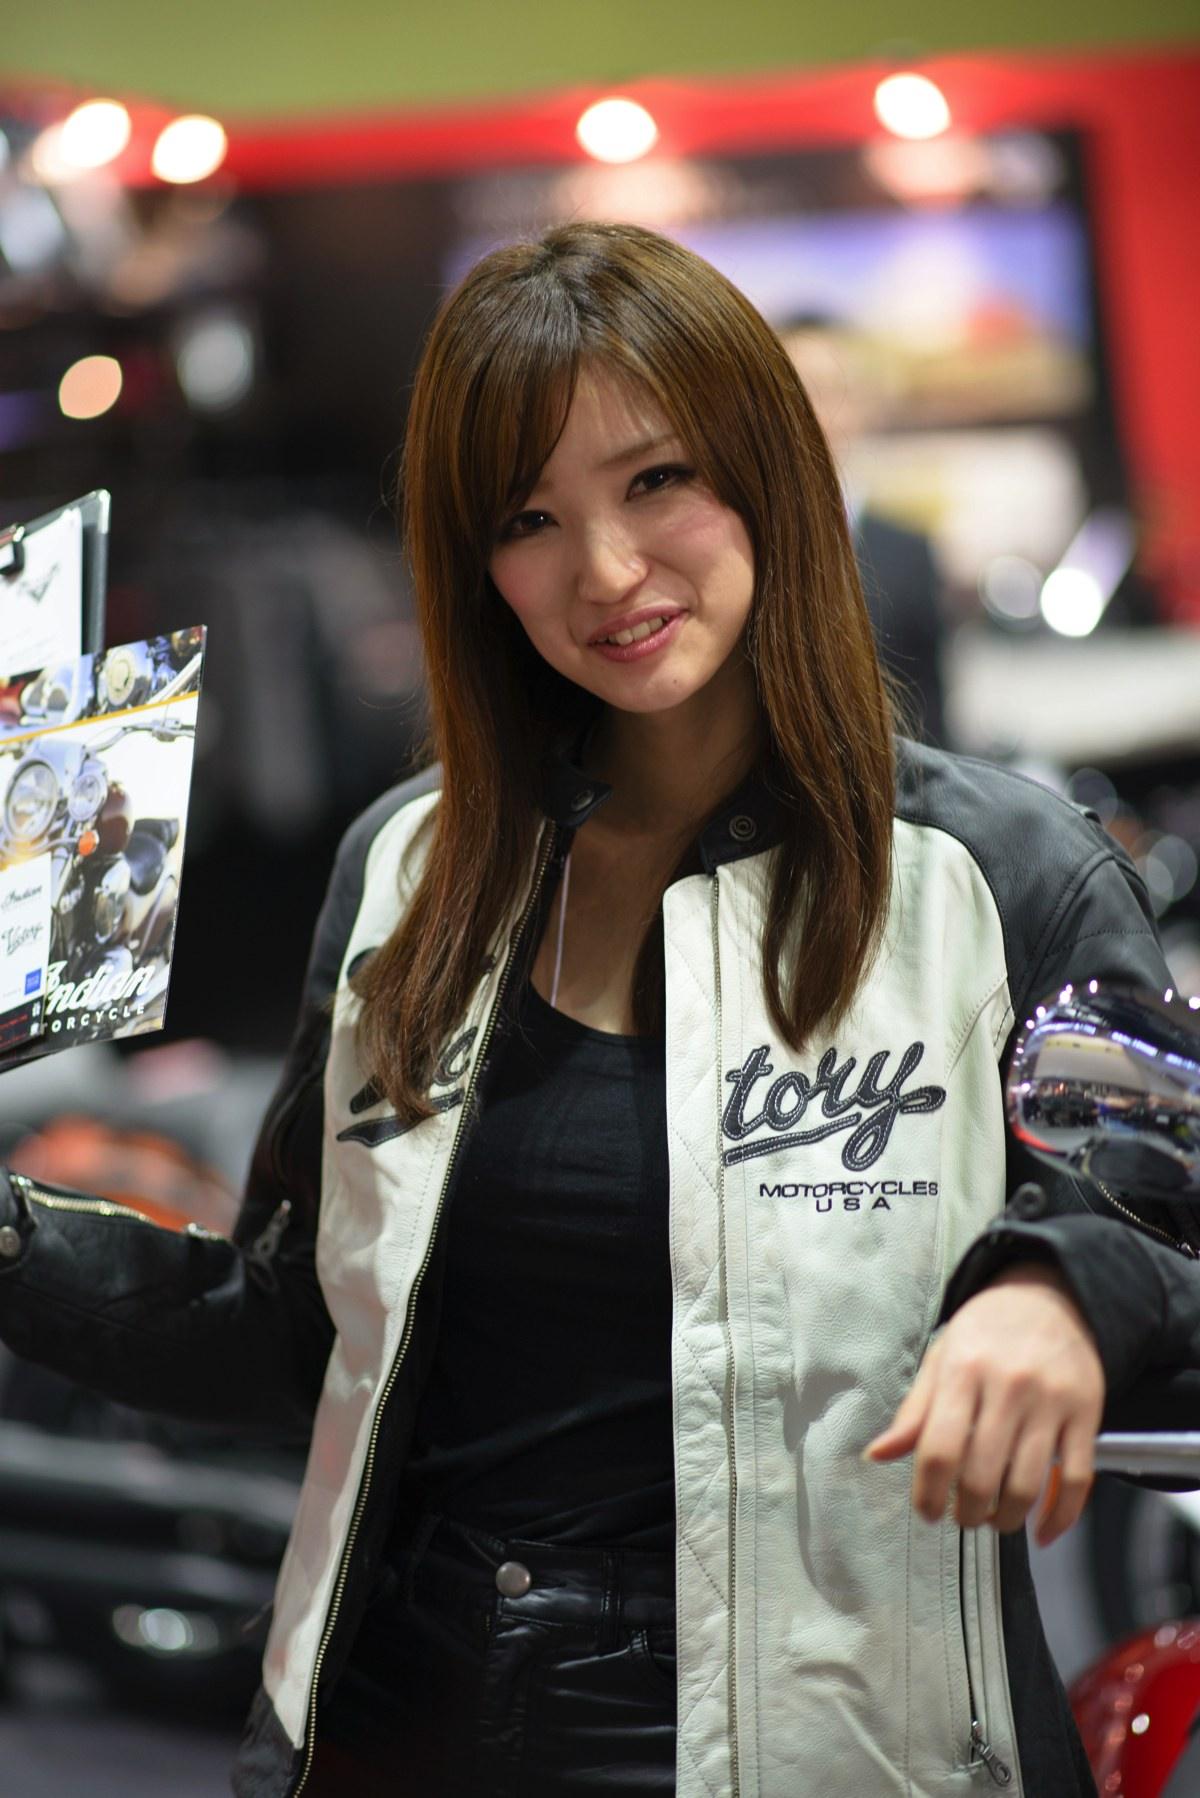 大阪モーターサイクルショー2014コンパニオン画像10